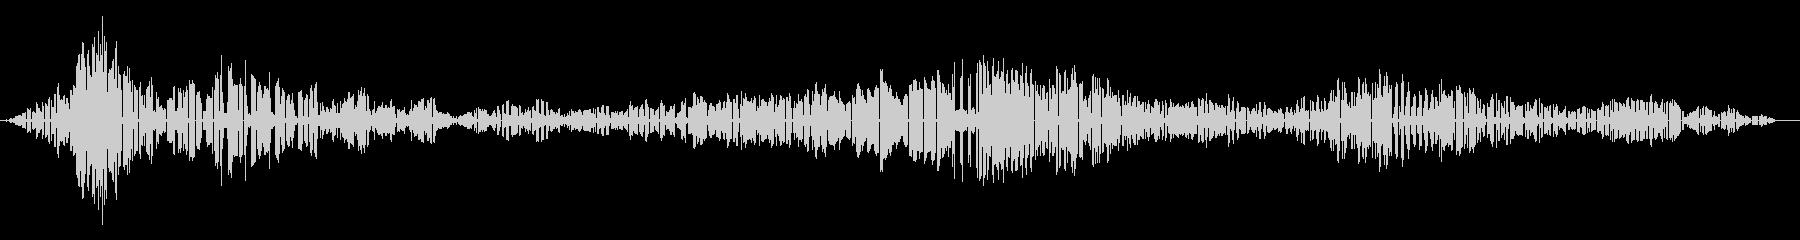 ラーク・バルガー-アロサ・バルガーの未再生の波形